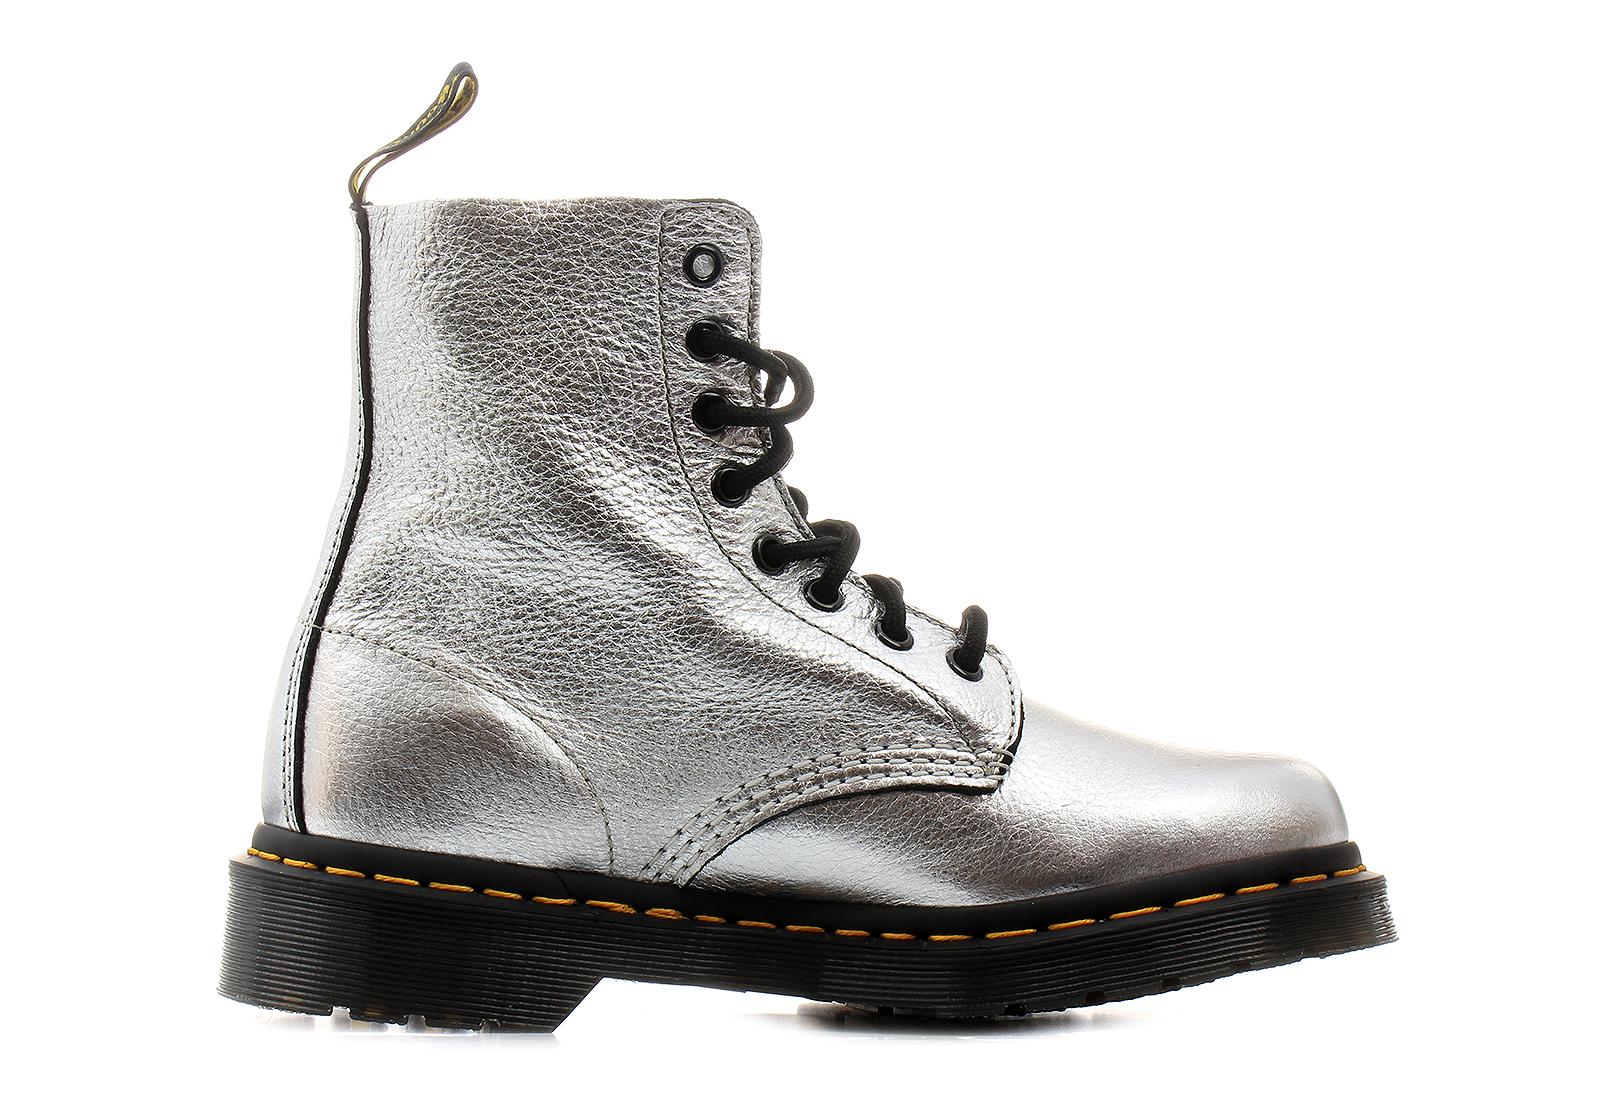 d86d197600a9 Dr Martens Boots - Pascal Met - 8 Eye Boot - DM22502040 - Online ...